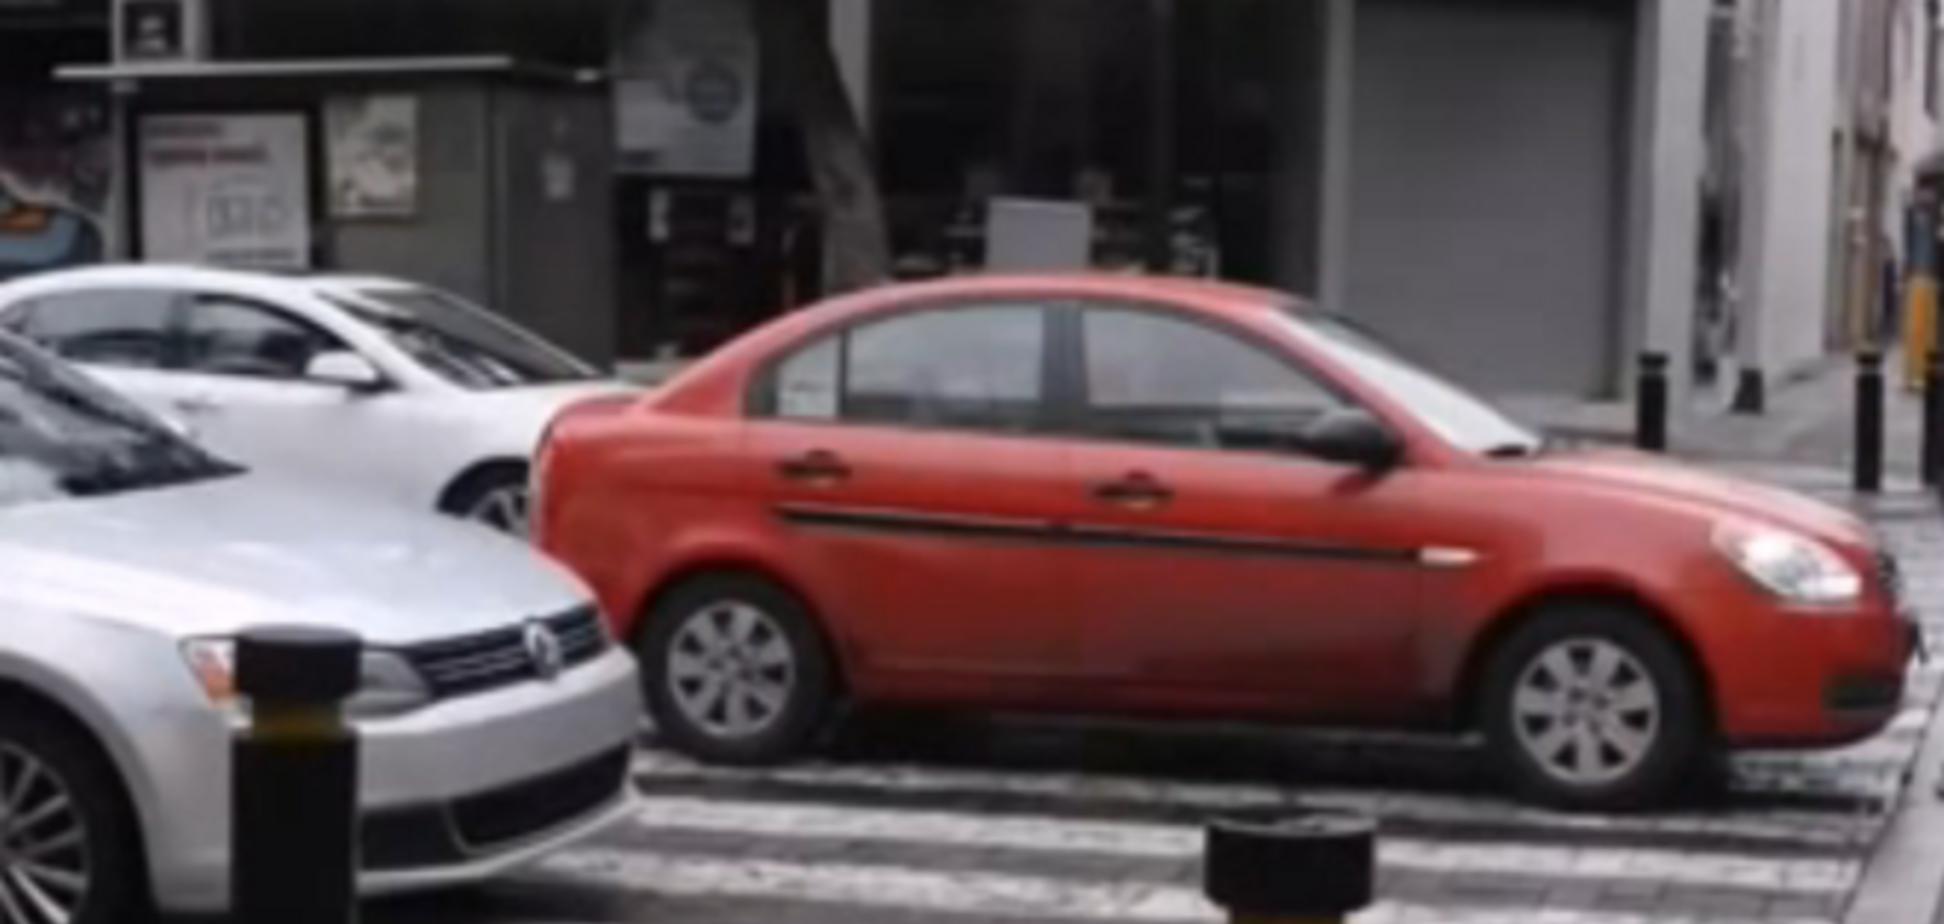 Пешеход решил проучить водителя. Опубликовано видео